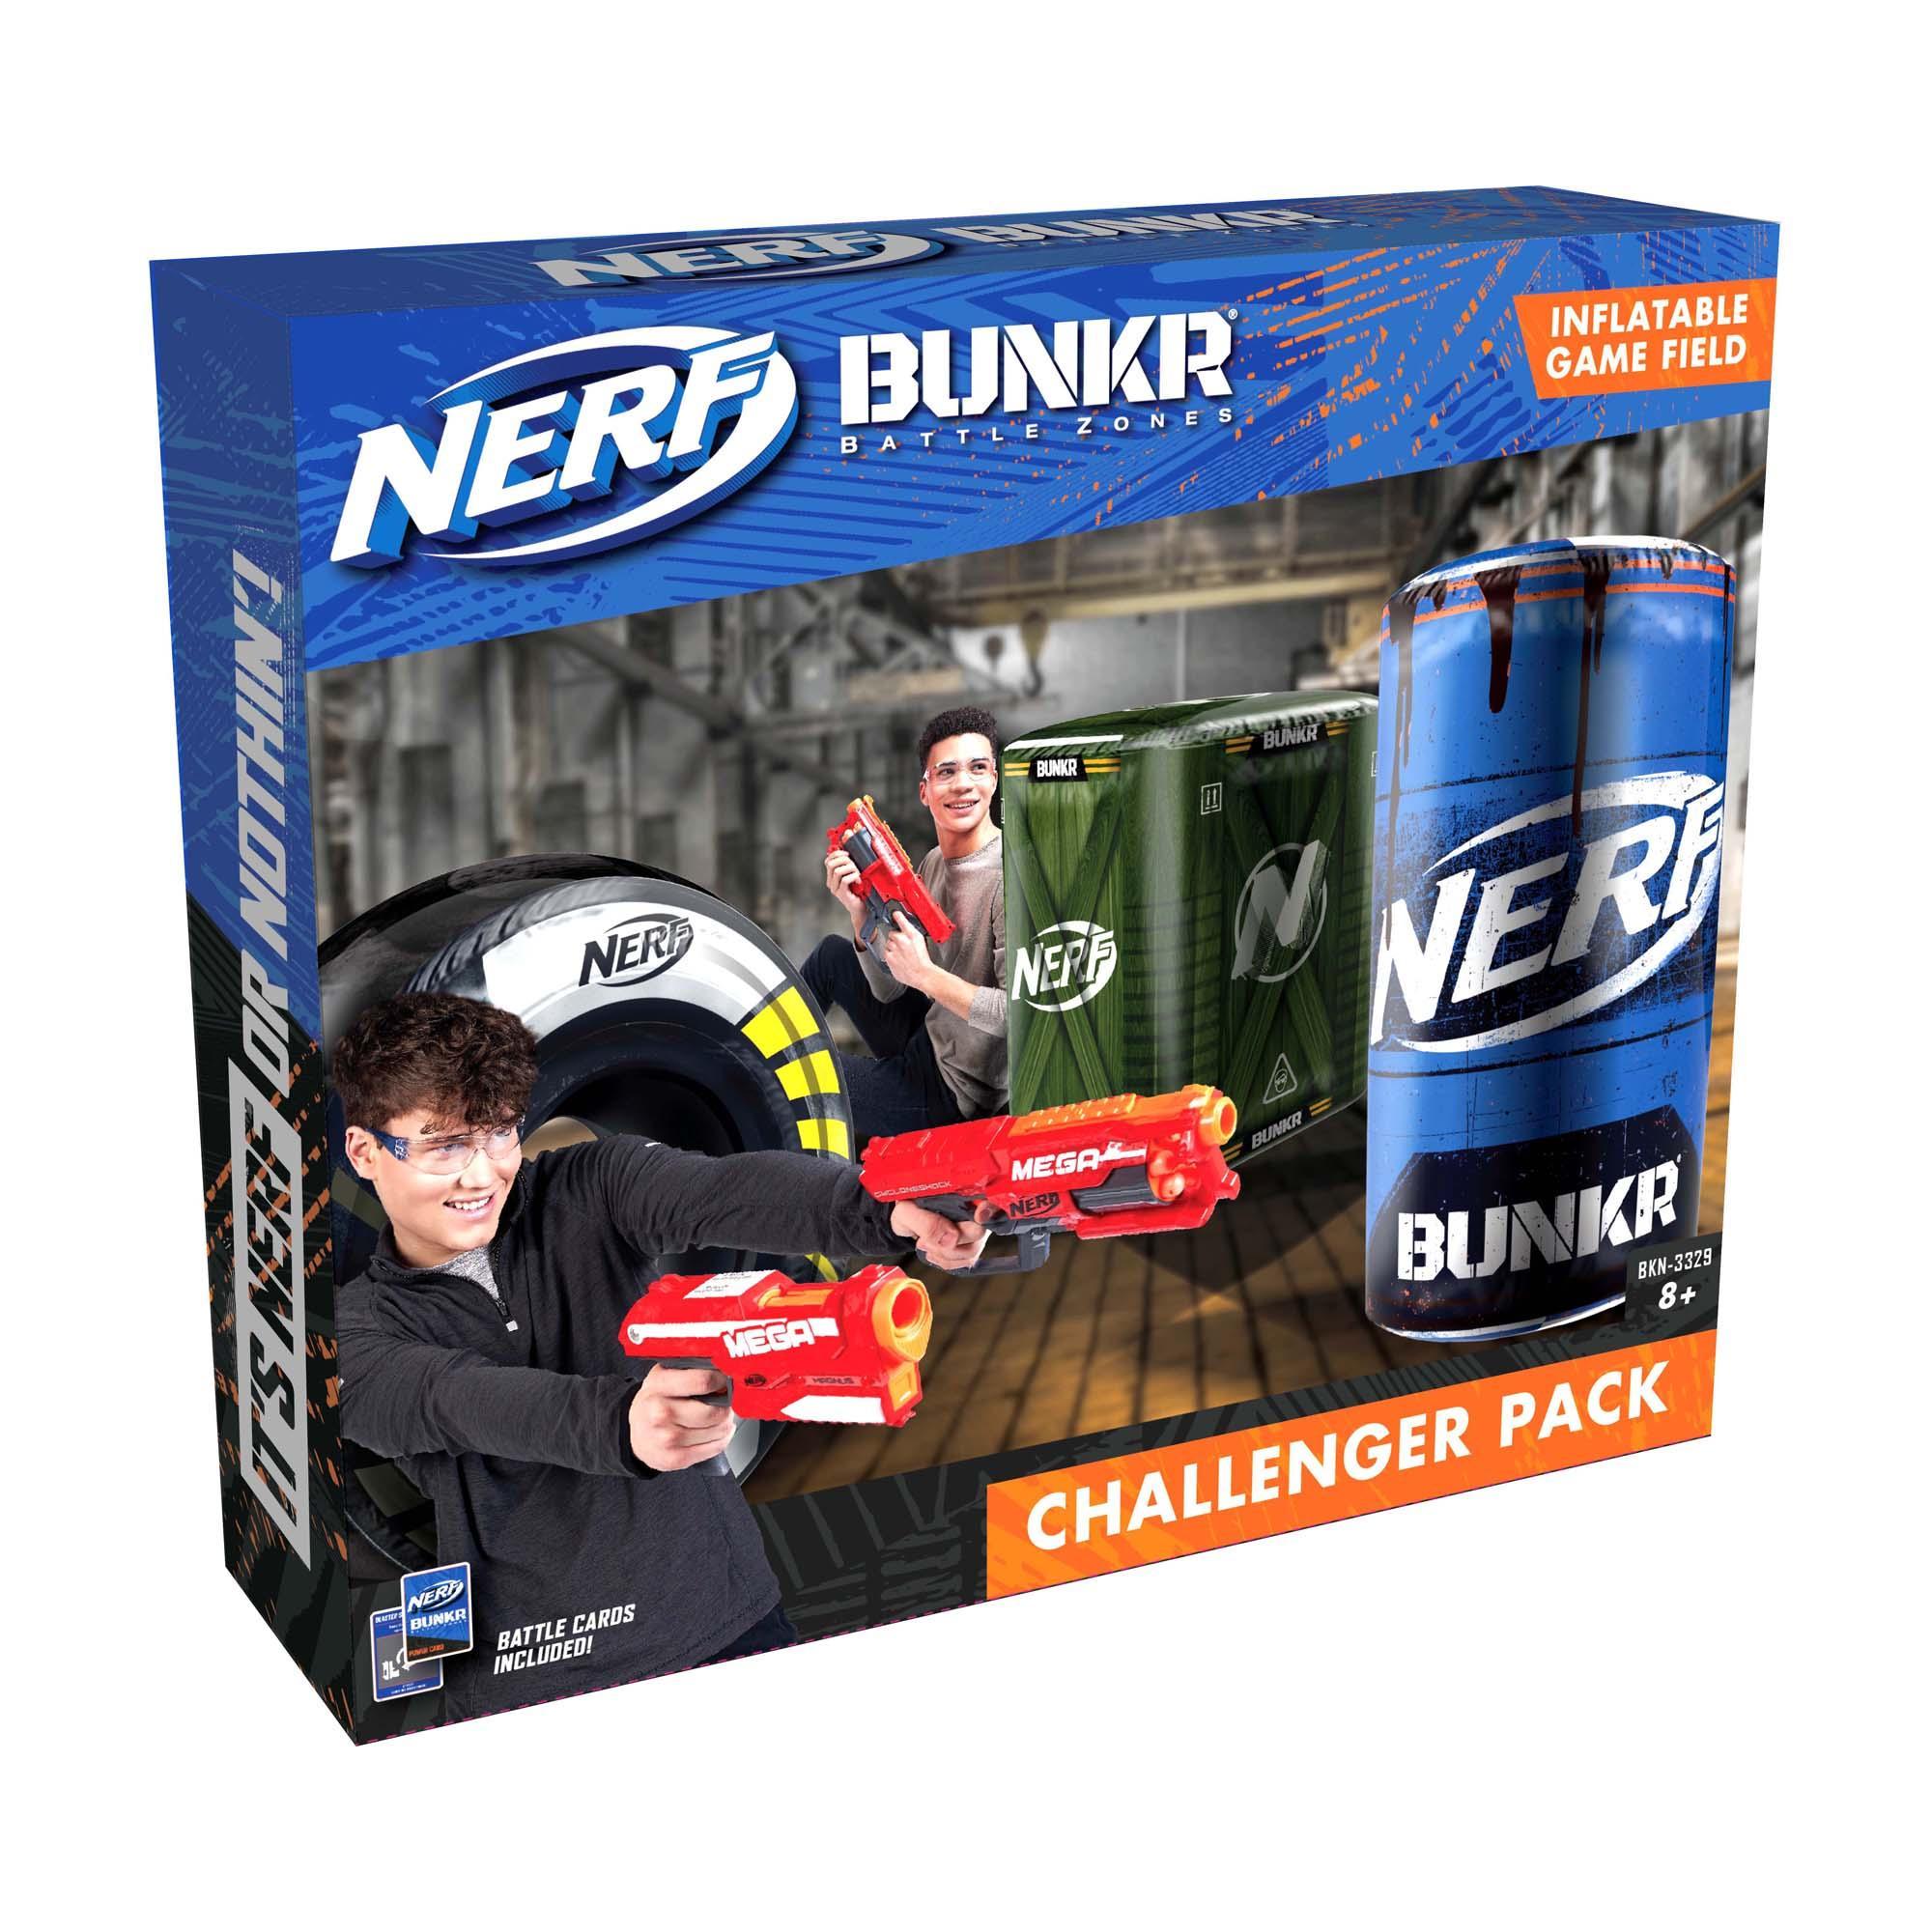 Nerf Bunkr Challenger Pack